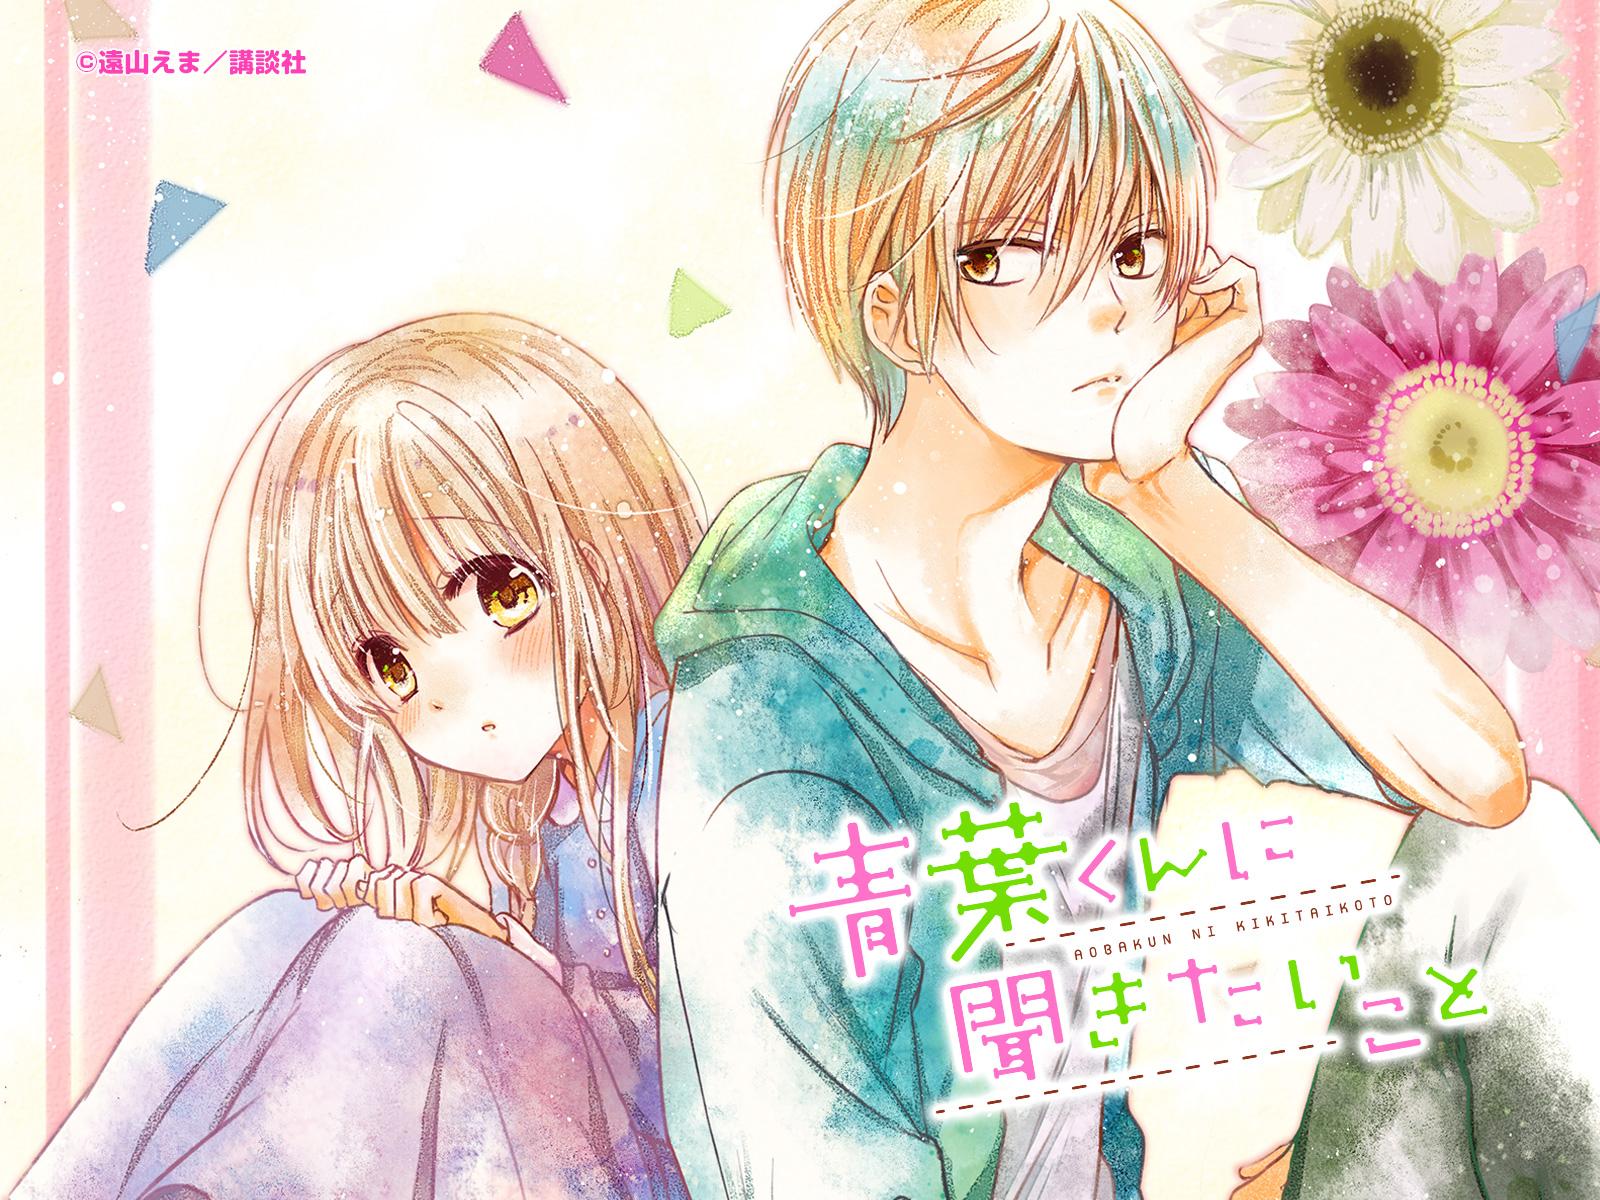 Wallpapers Manga Shoujo: Diciembre 2016 | Shojo Papers